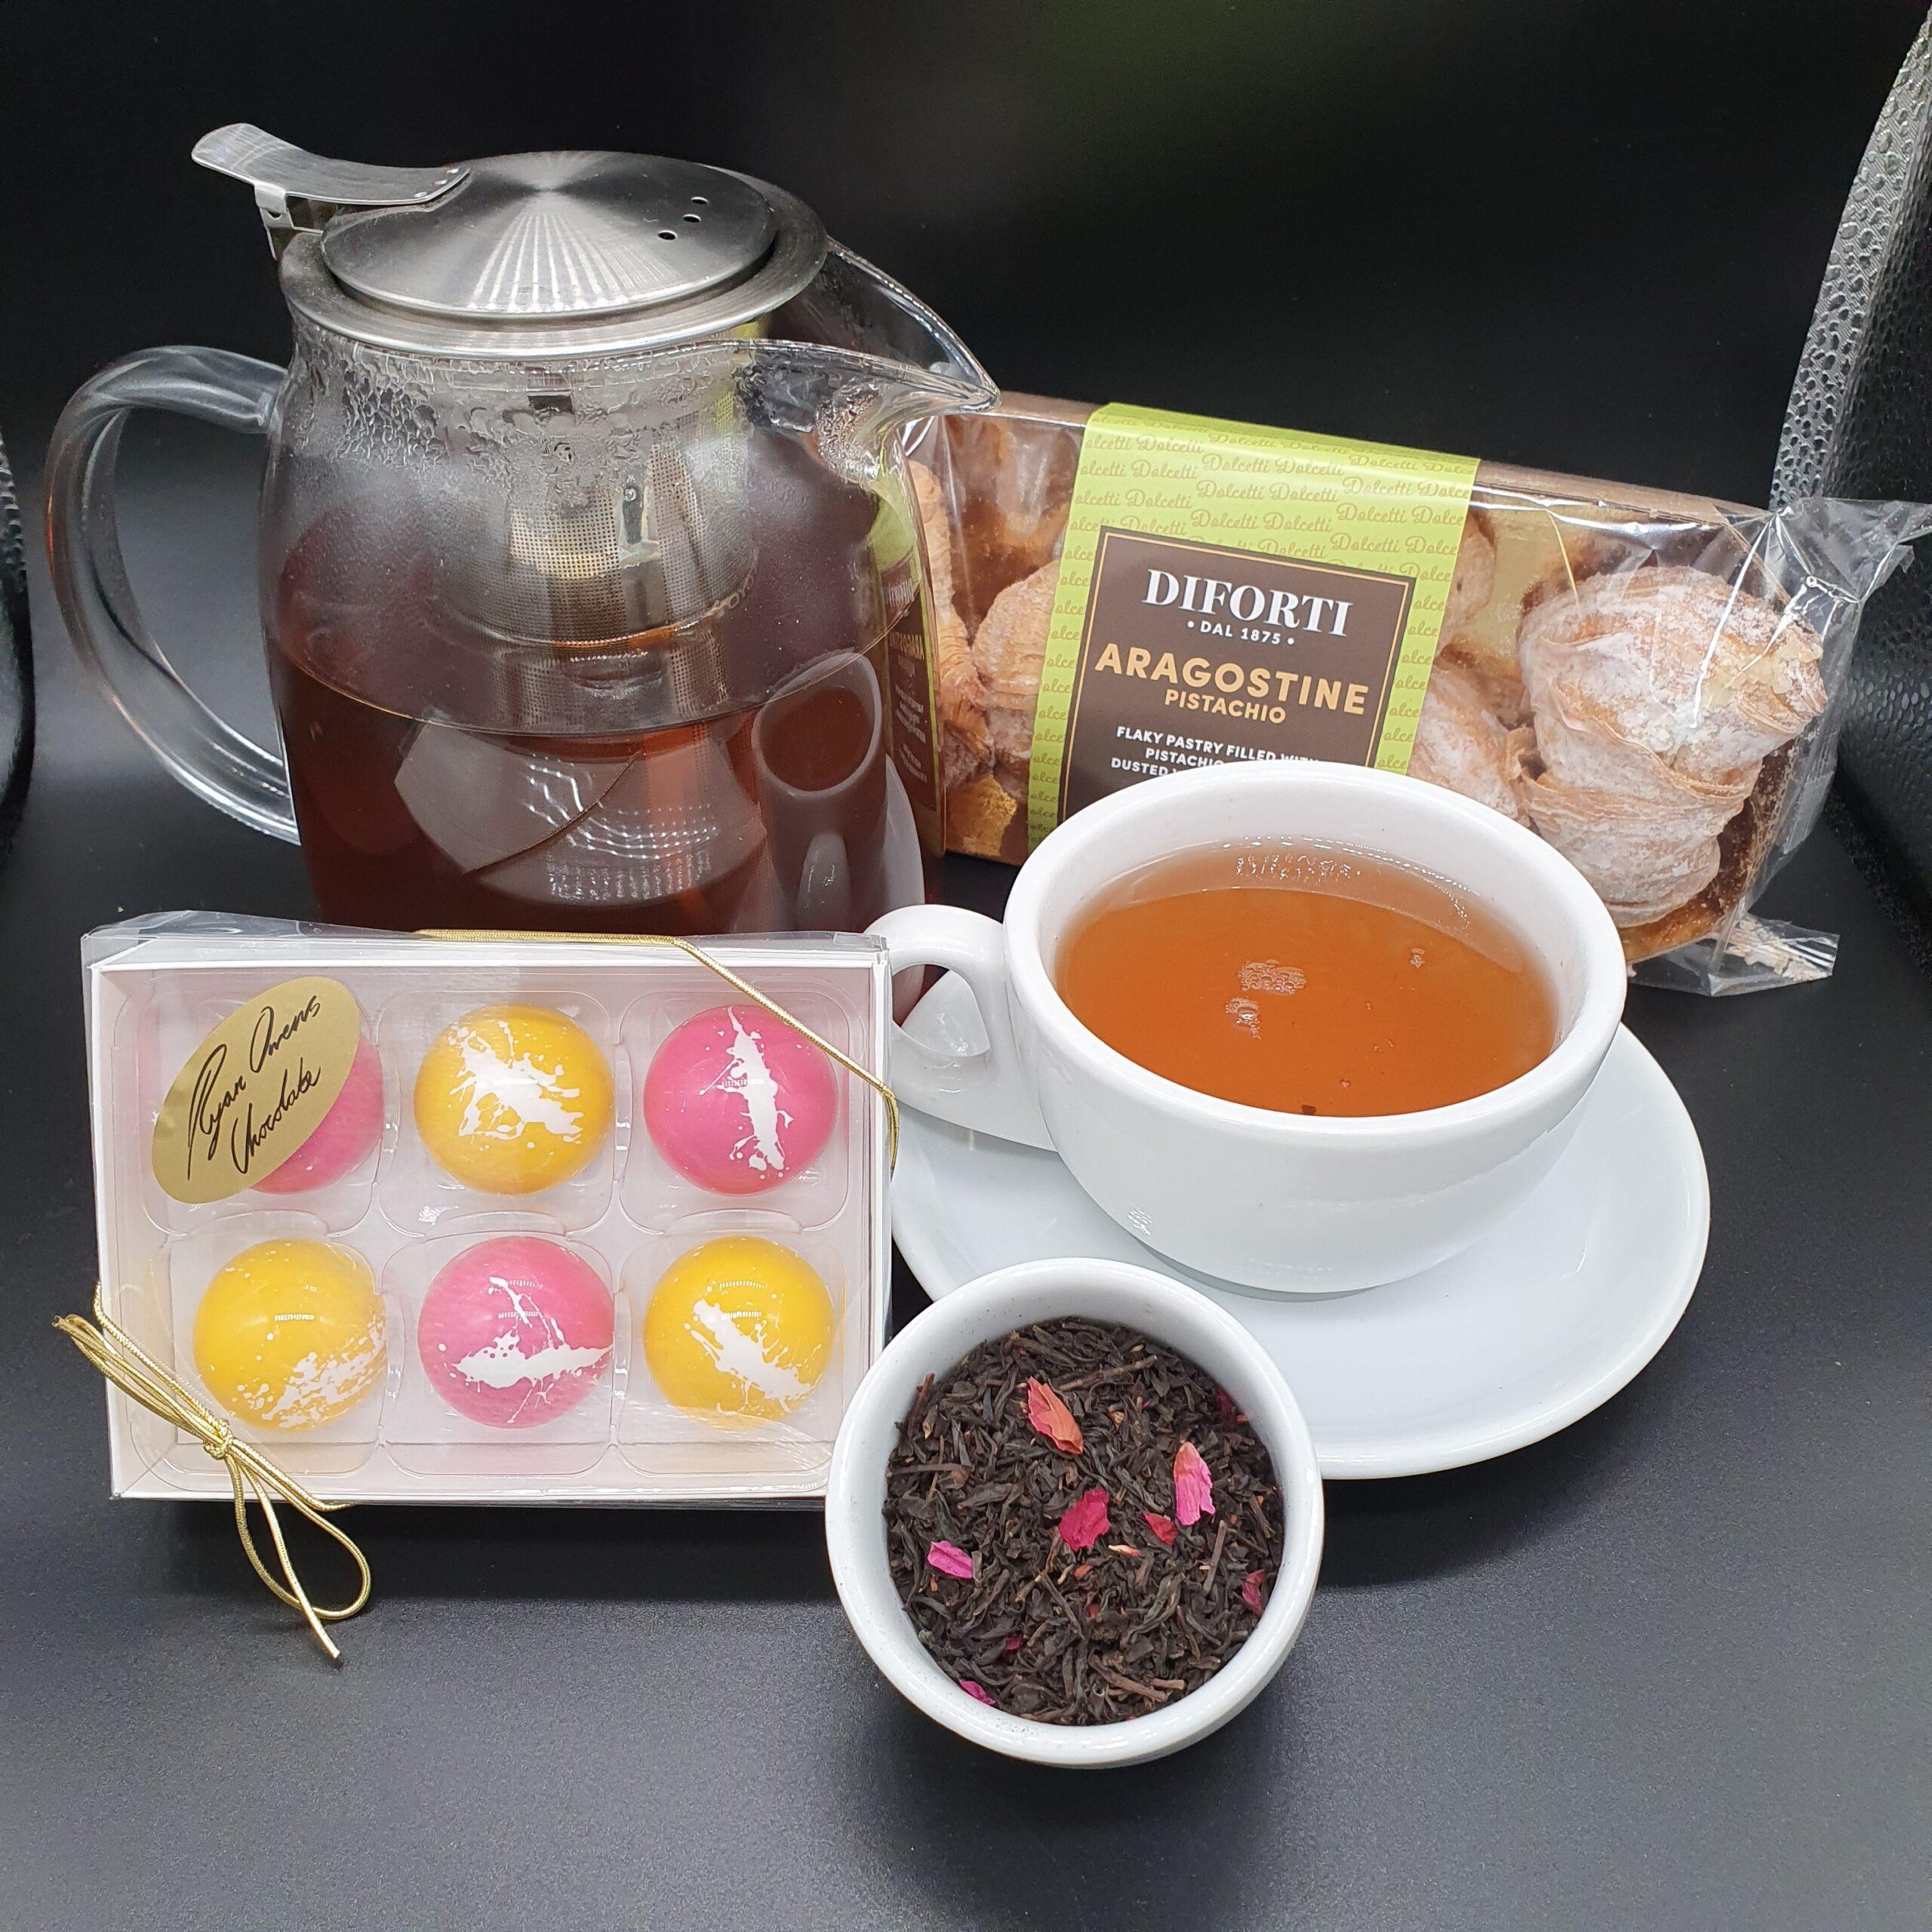 China Rose tea, Italian pastries & Ryan Owens Chocolate.